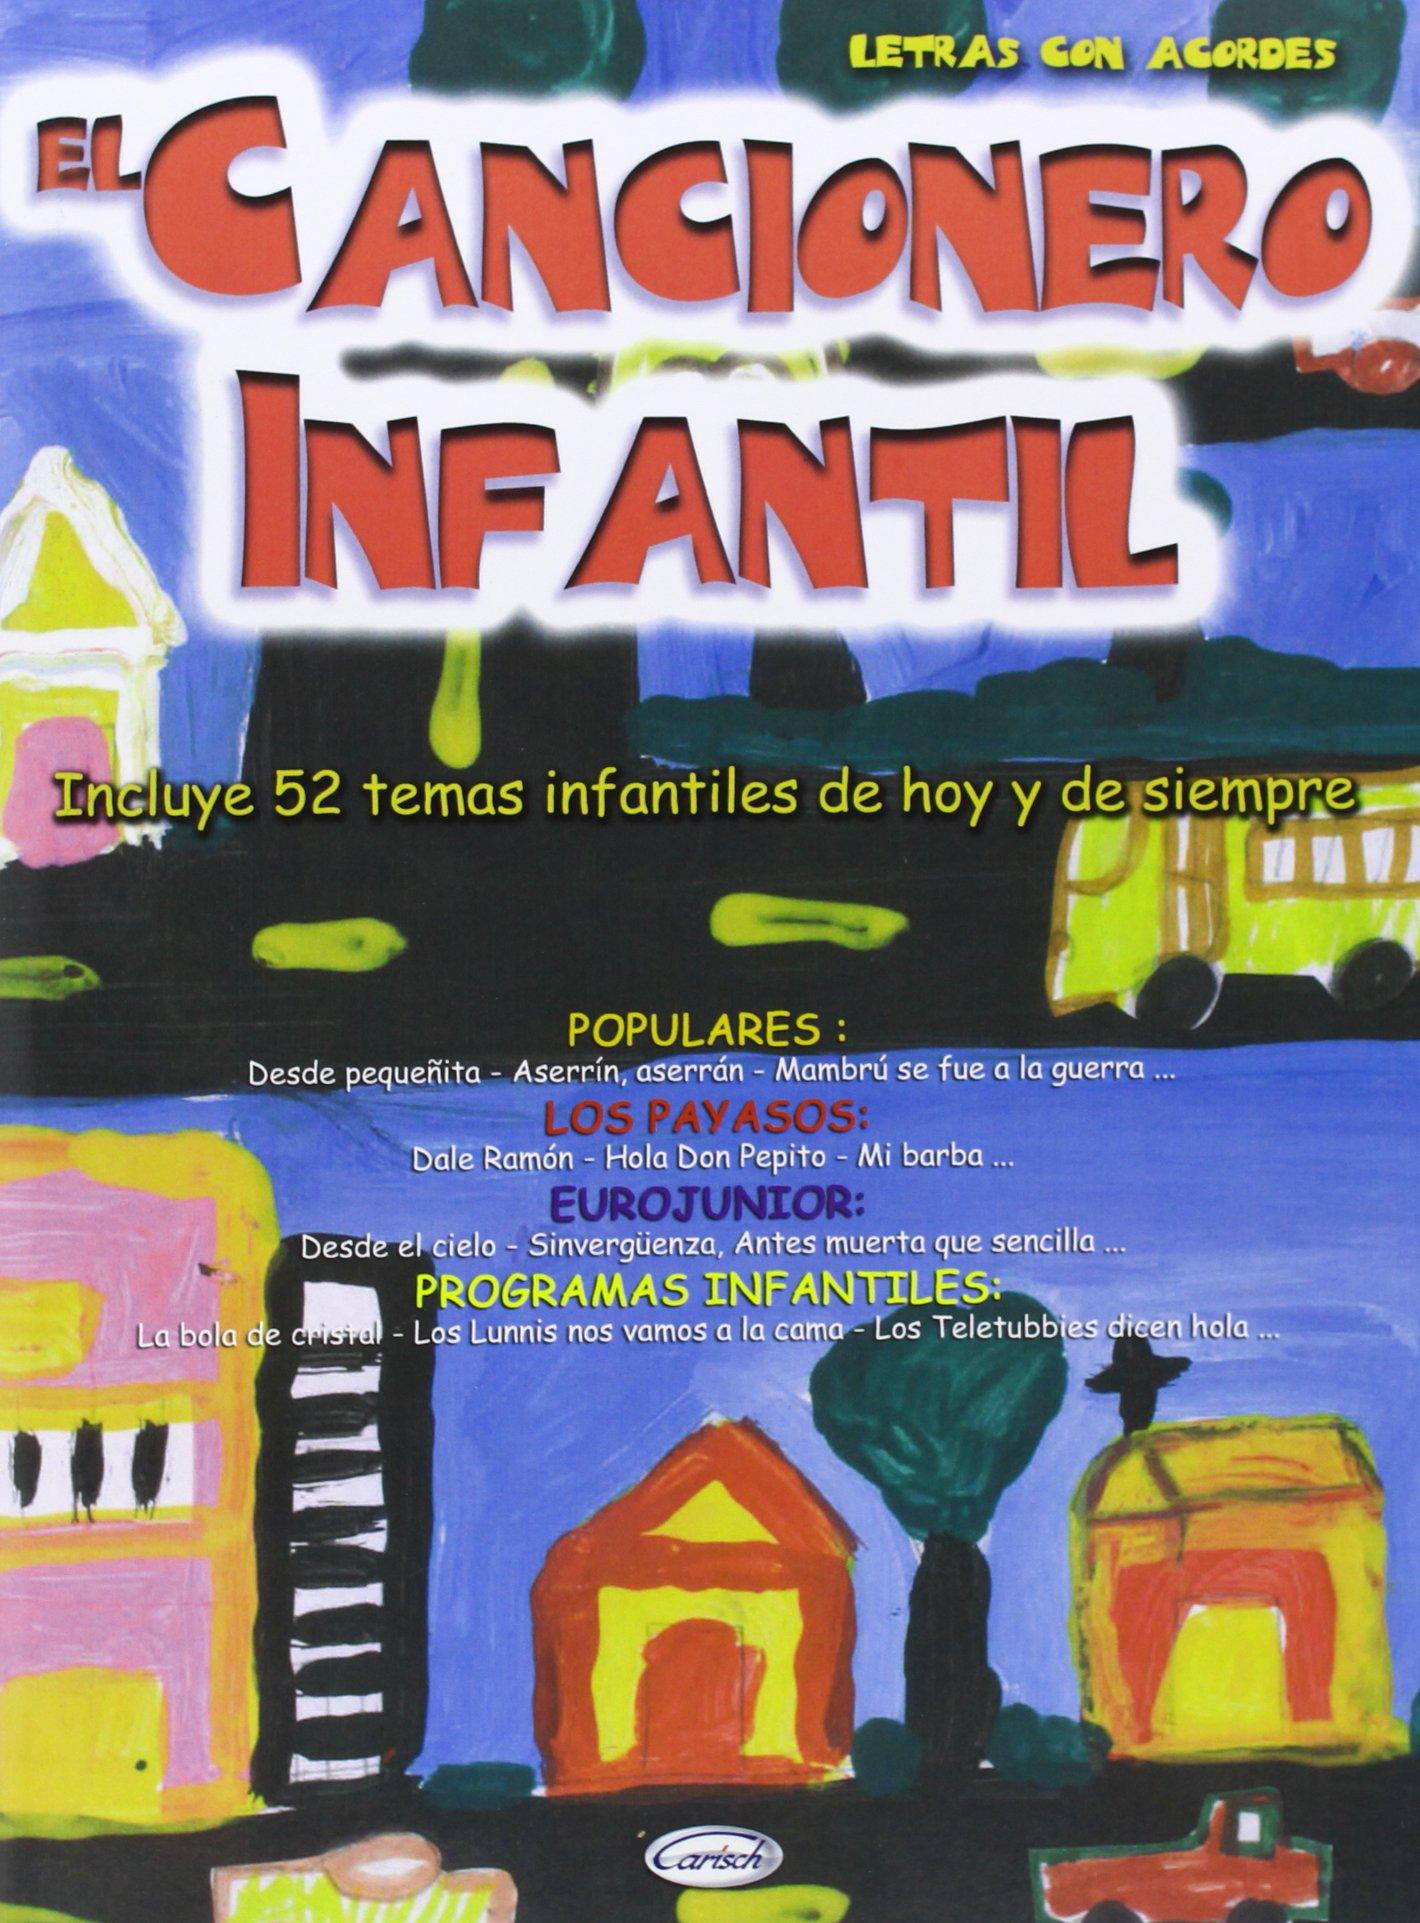 Amazon.com: CANCIONERO - Cancionero Infantil (Letras y Acordes) para Guitarra (9788850708703): CANCIONERO: Books